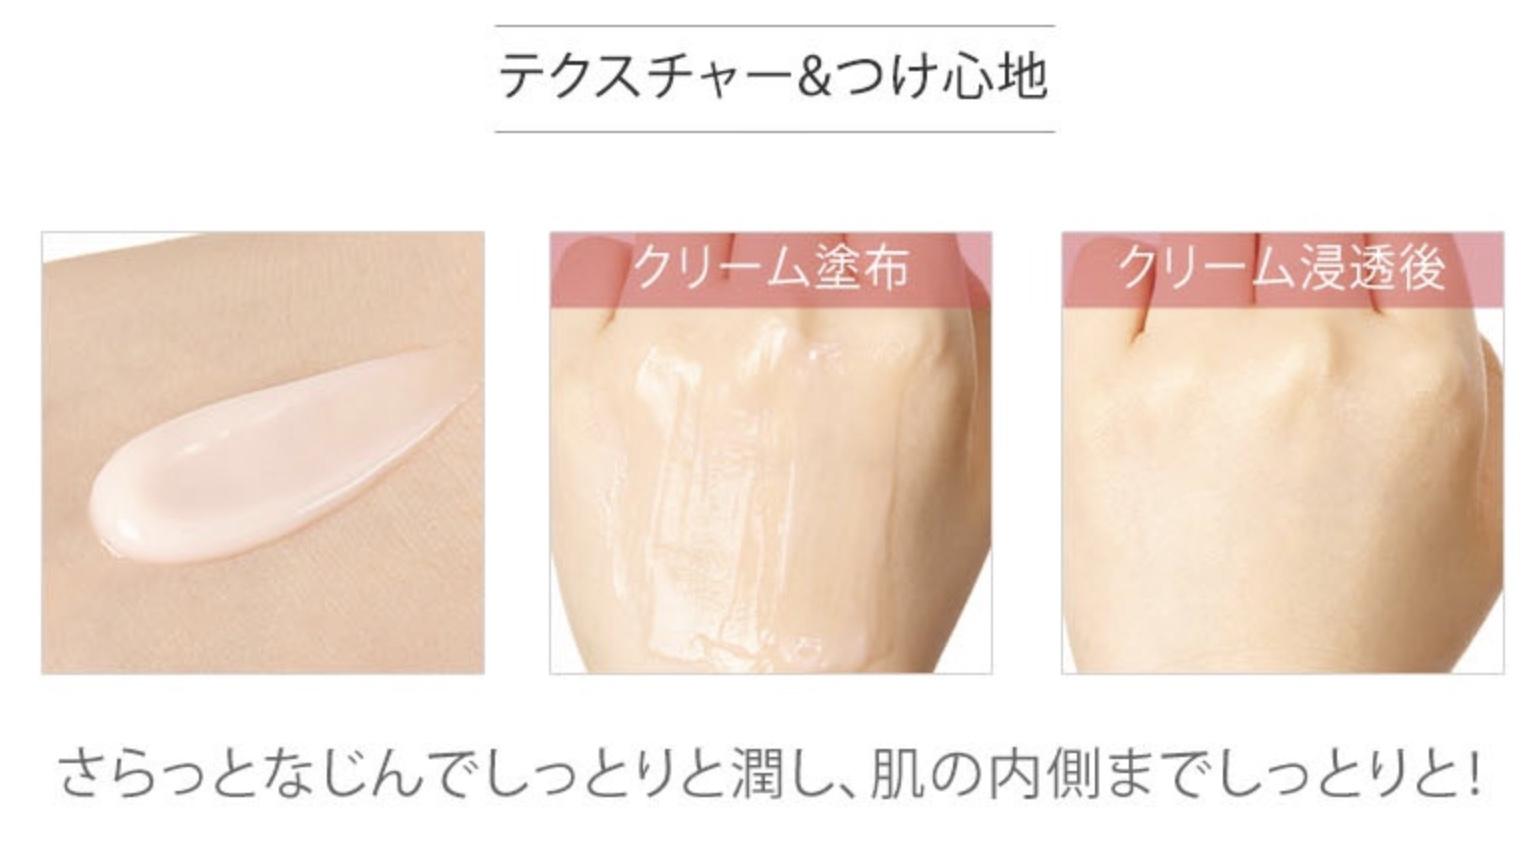 韓国 水分クリーム スキンケア おすすめ ネイチャーリパブリック スーパーアクアマックス 乾燥肌